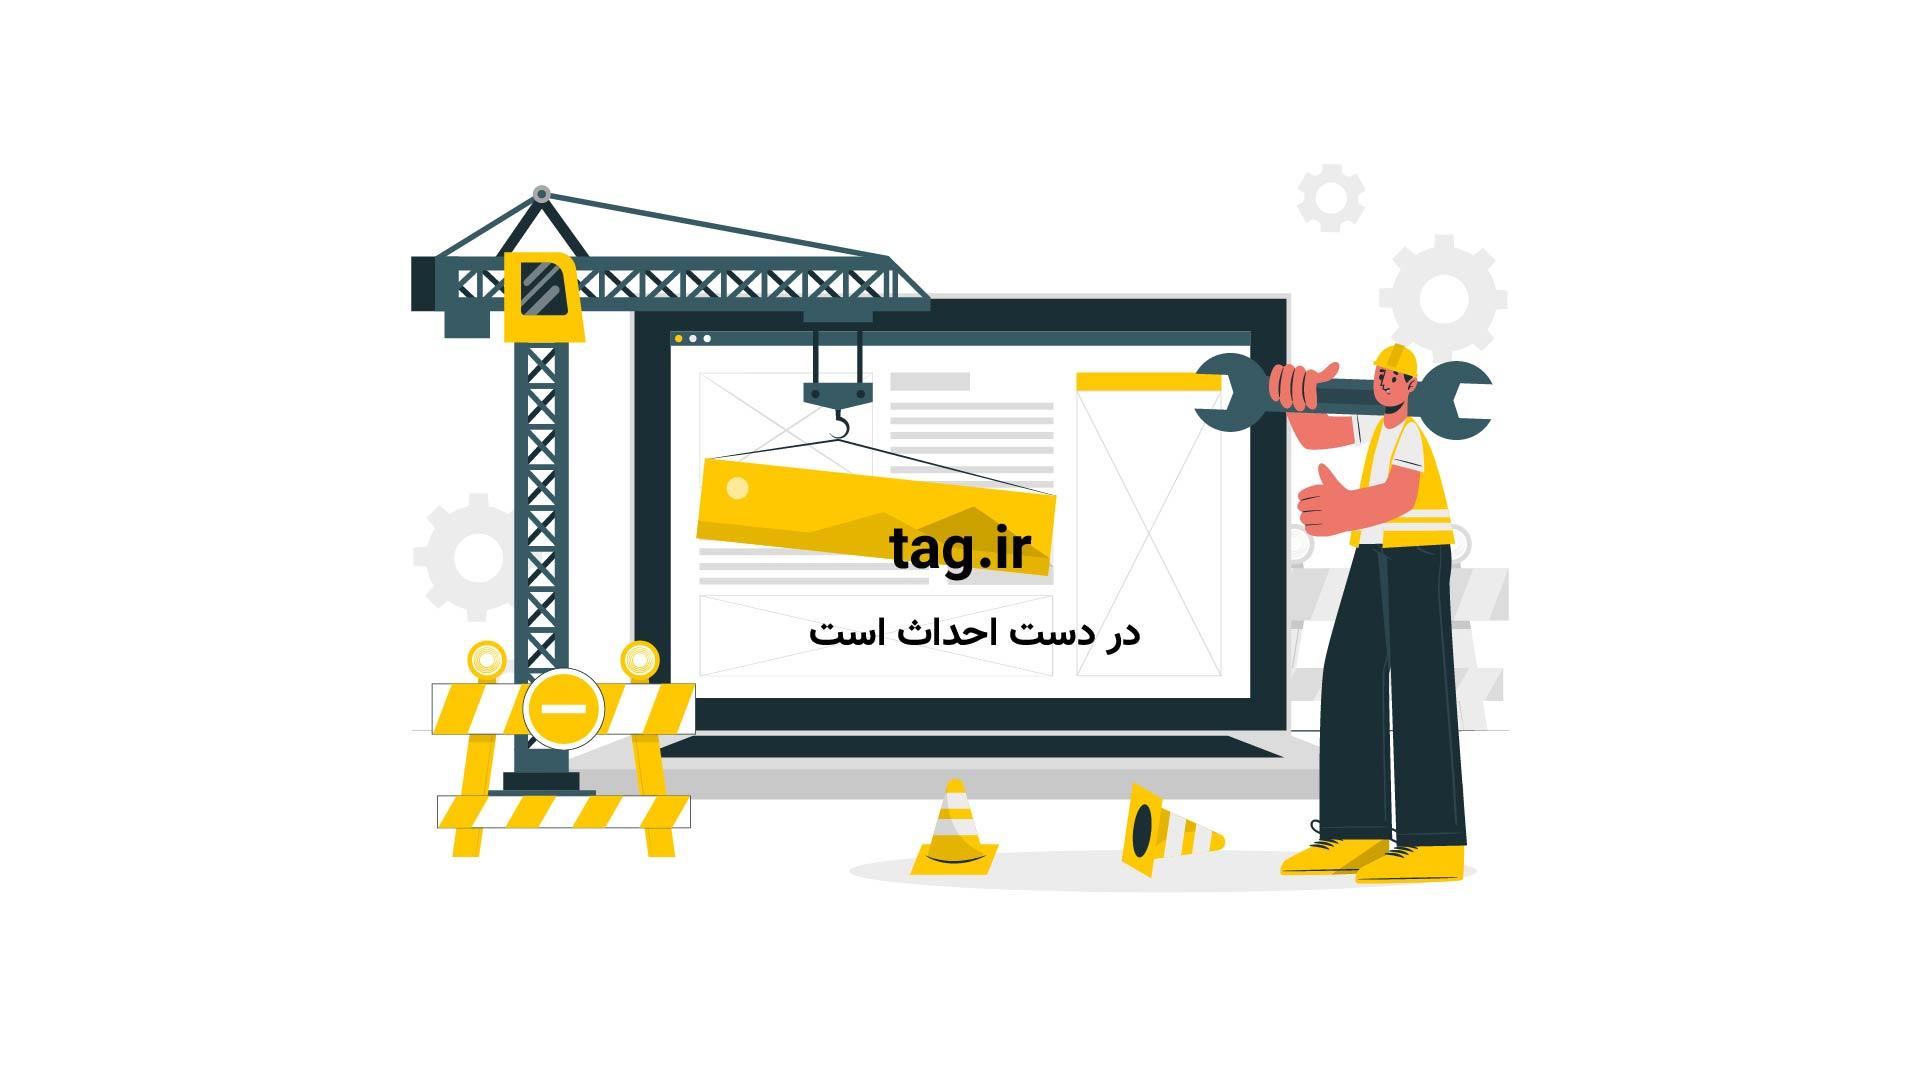 دعوای دسته لاشخورها و روباه بر سر لاشه شکار | فیلم